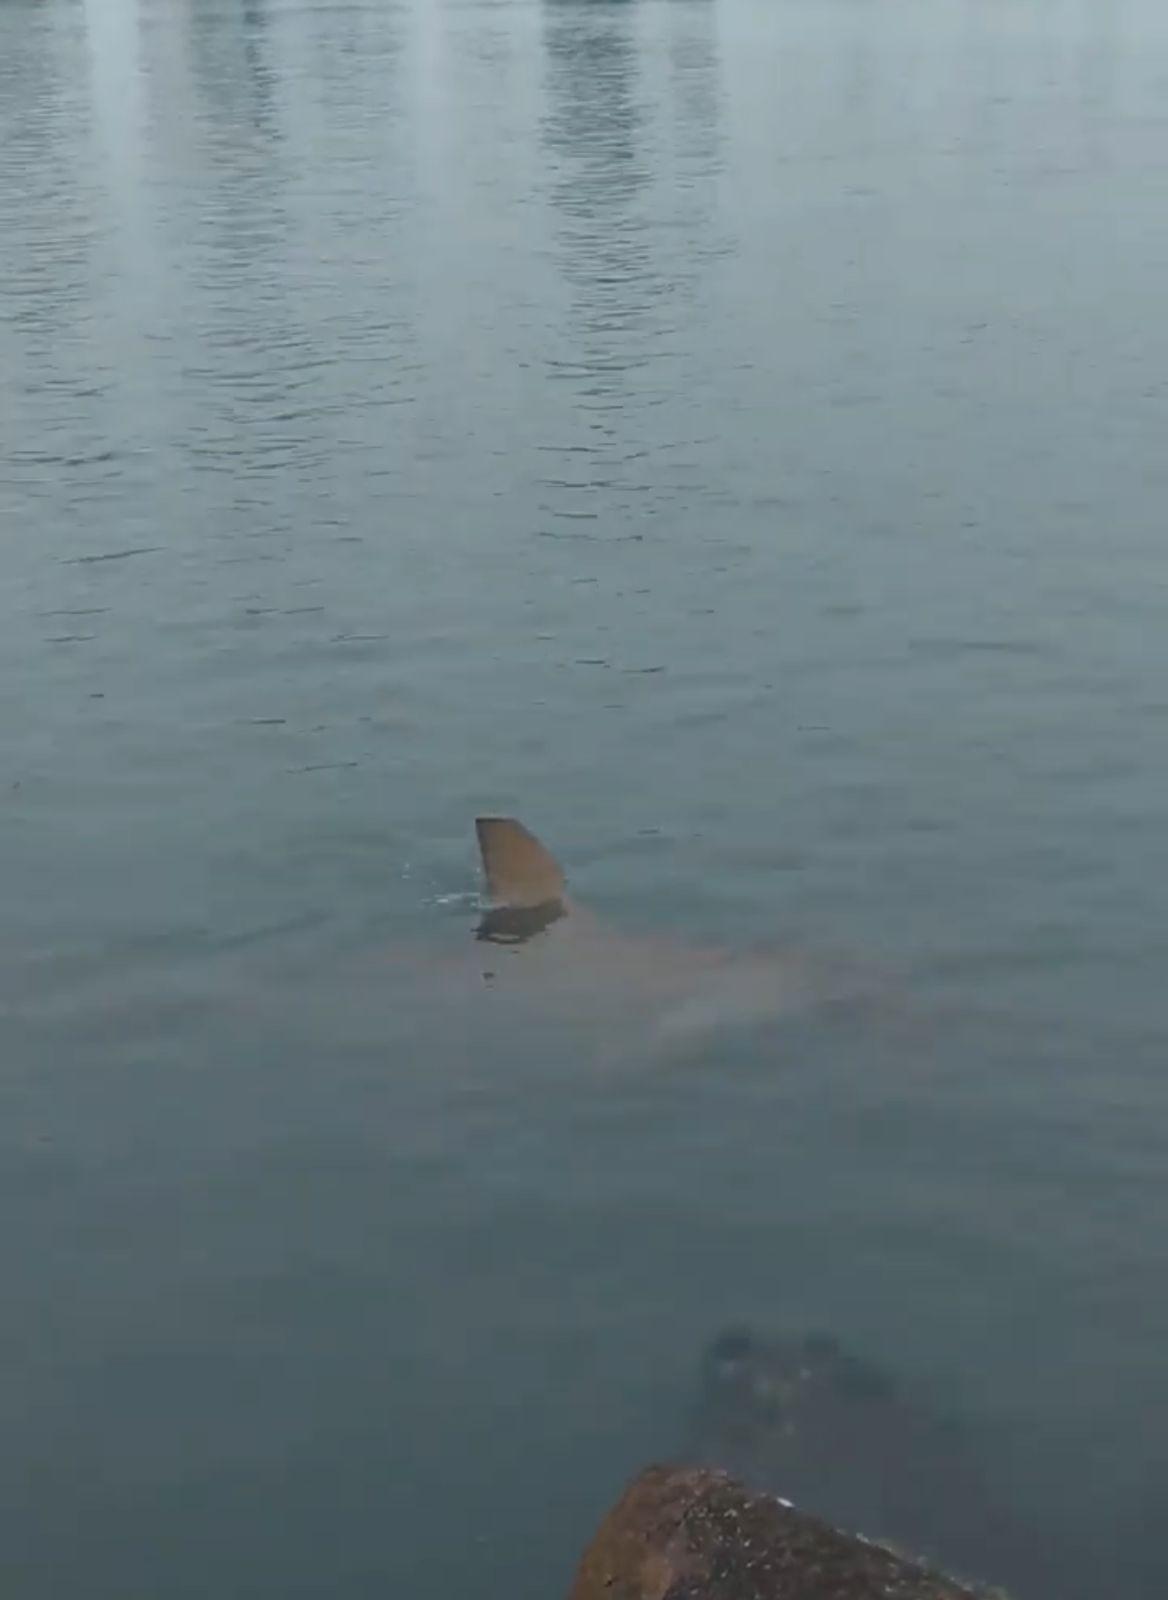 Vídeo mostra tubarão nadando em área de alargamento da praia de Balneário Camboriú